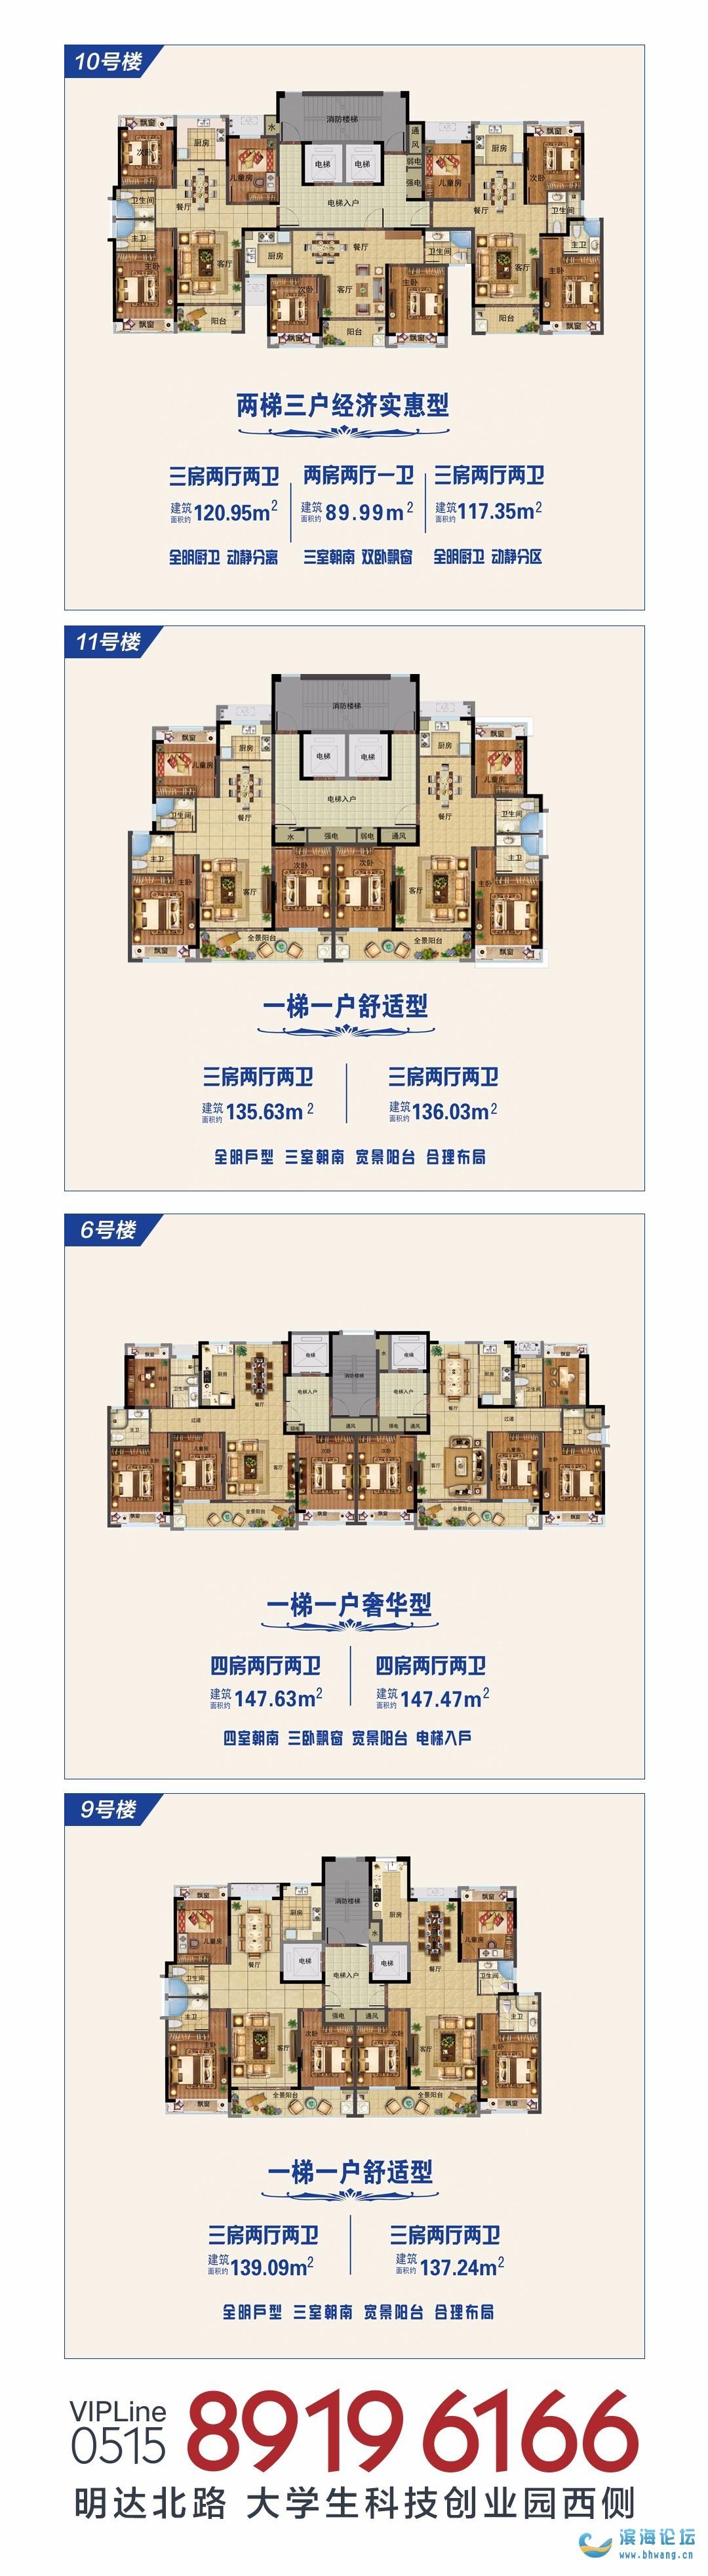 定了!中国高端物业品牌绿城服务绿联盟16日正式进驻滨海!